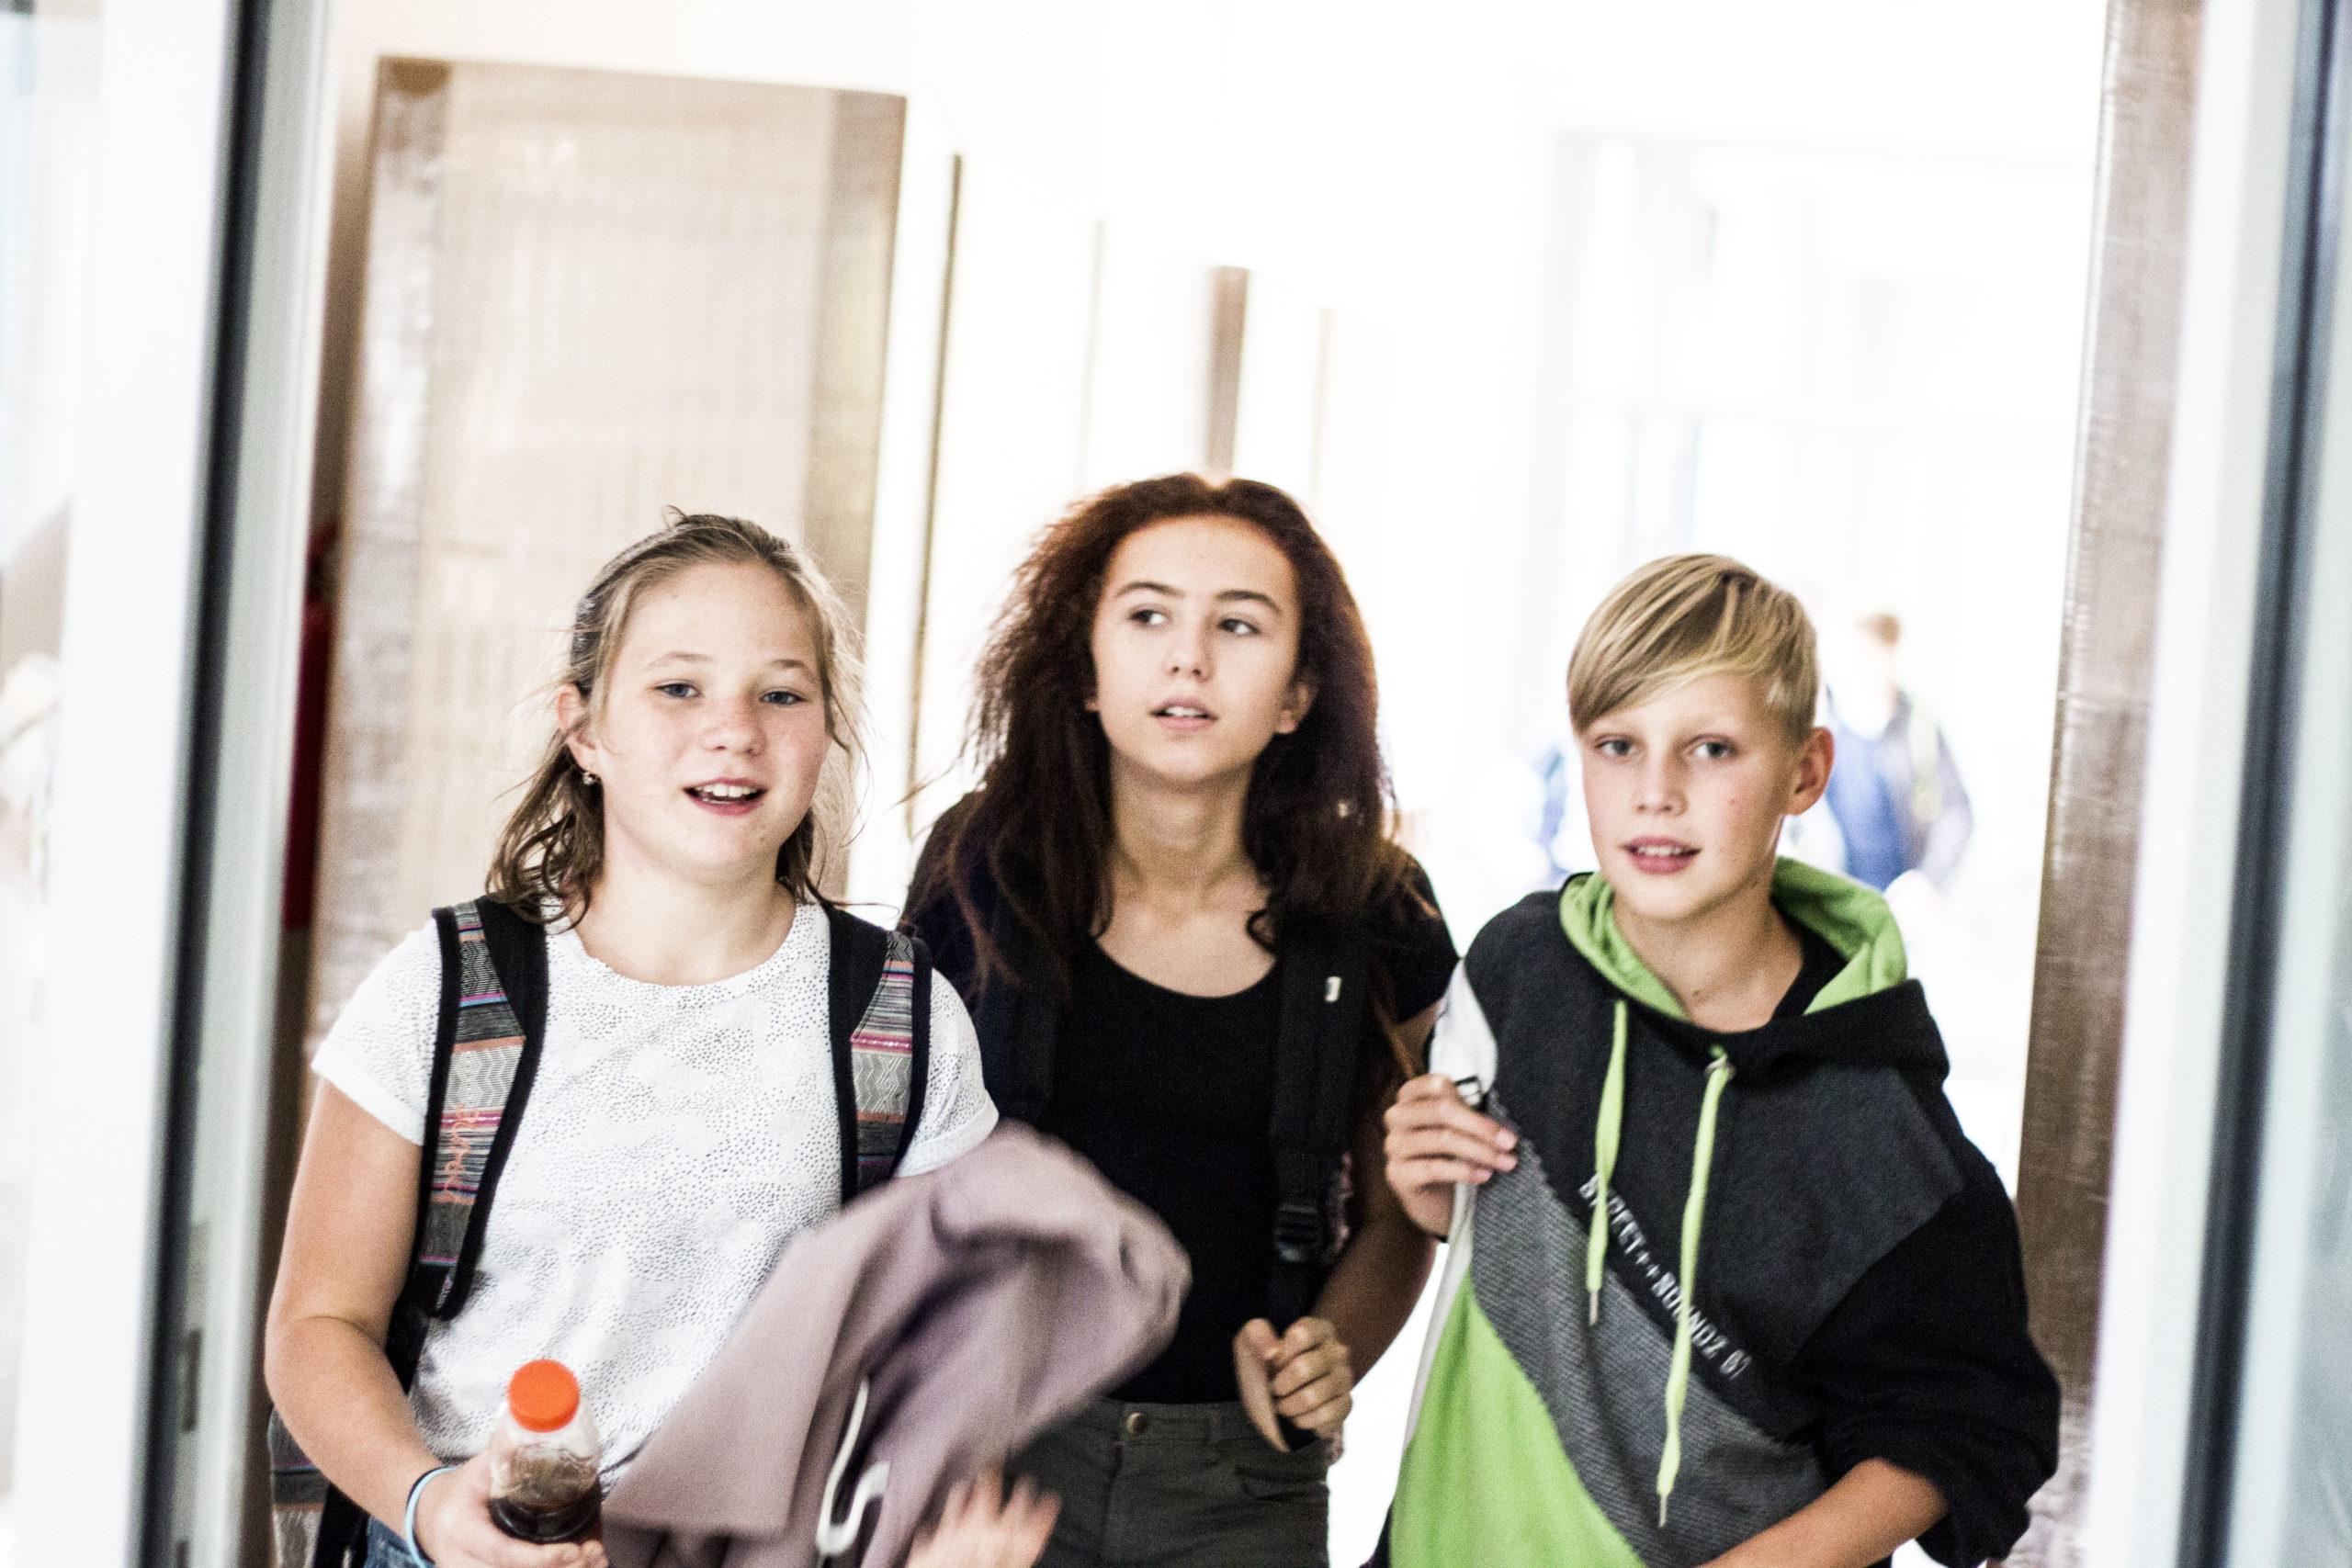 Ti dospělí, kteří si i vpokročilém věku dokážou zachovat kreativitu, odvahu a otevřenost adolescentů, jsou těmi, kteří si svůj život nejvíce užívají, míní autor knihy o mozku puberťáků. Ilustrační foto: Kateřina Lánská